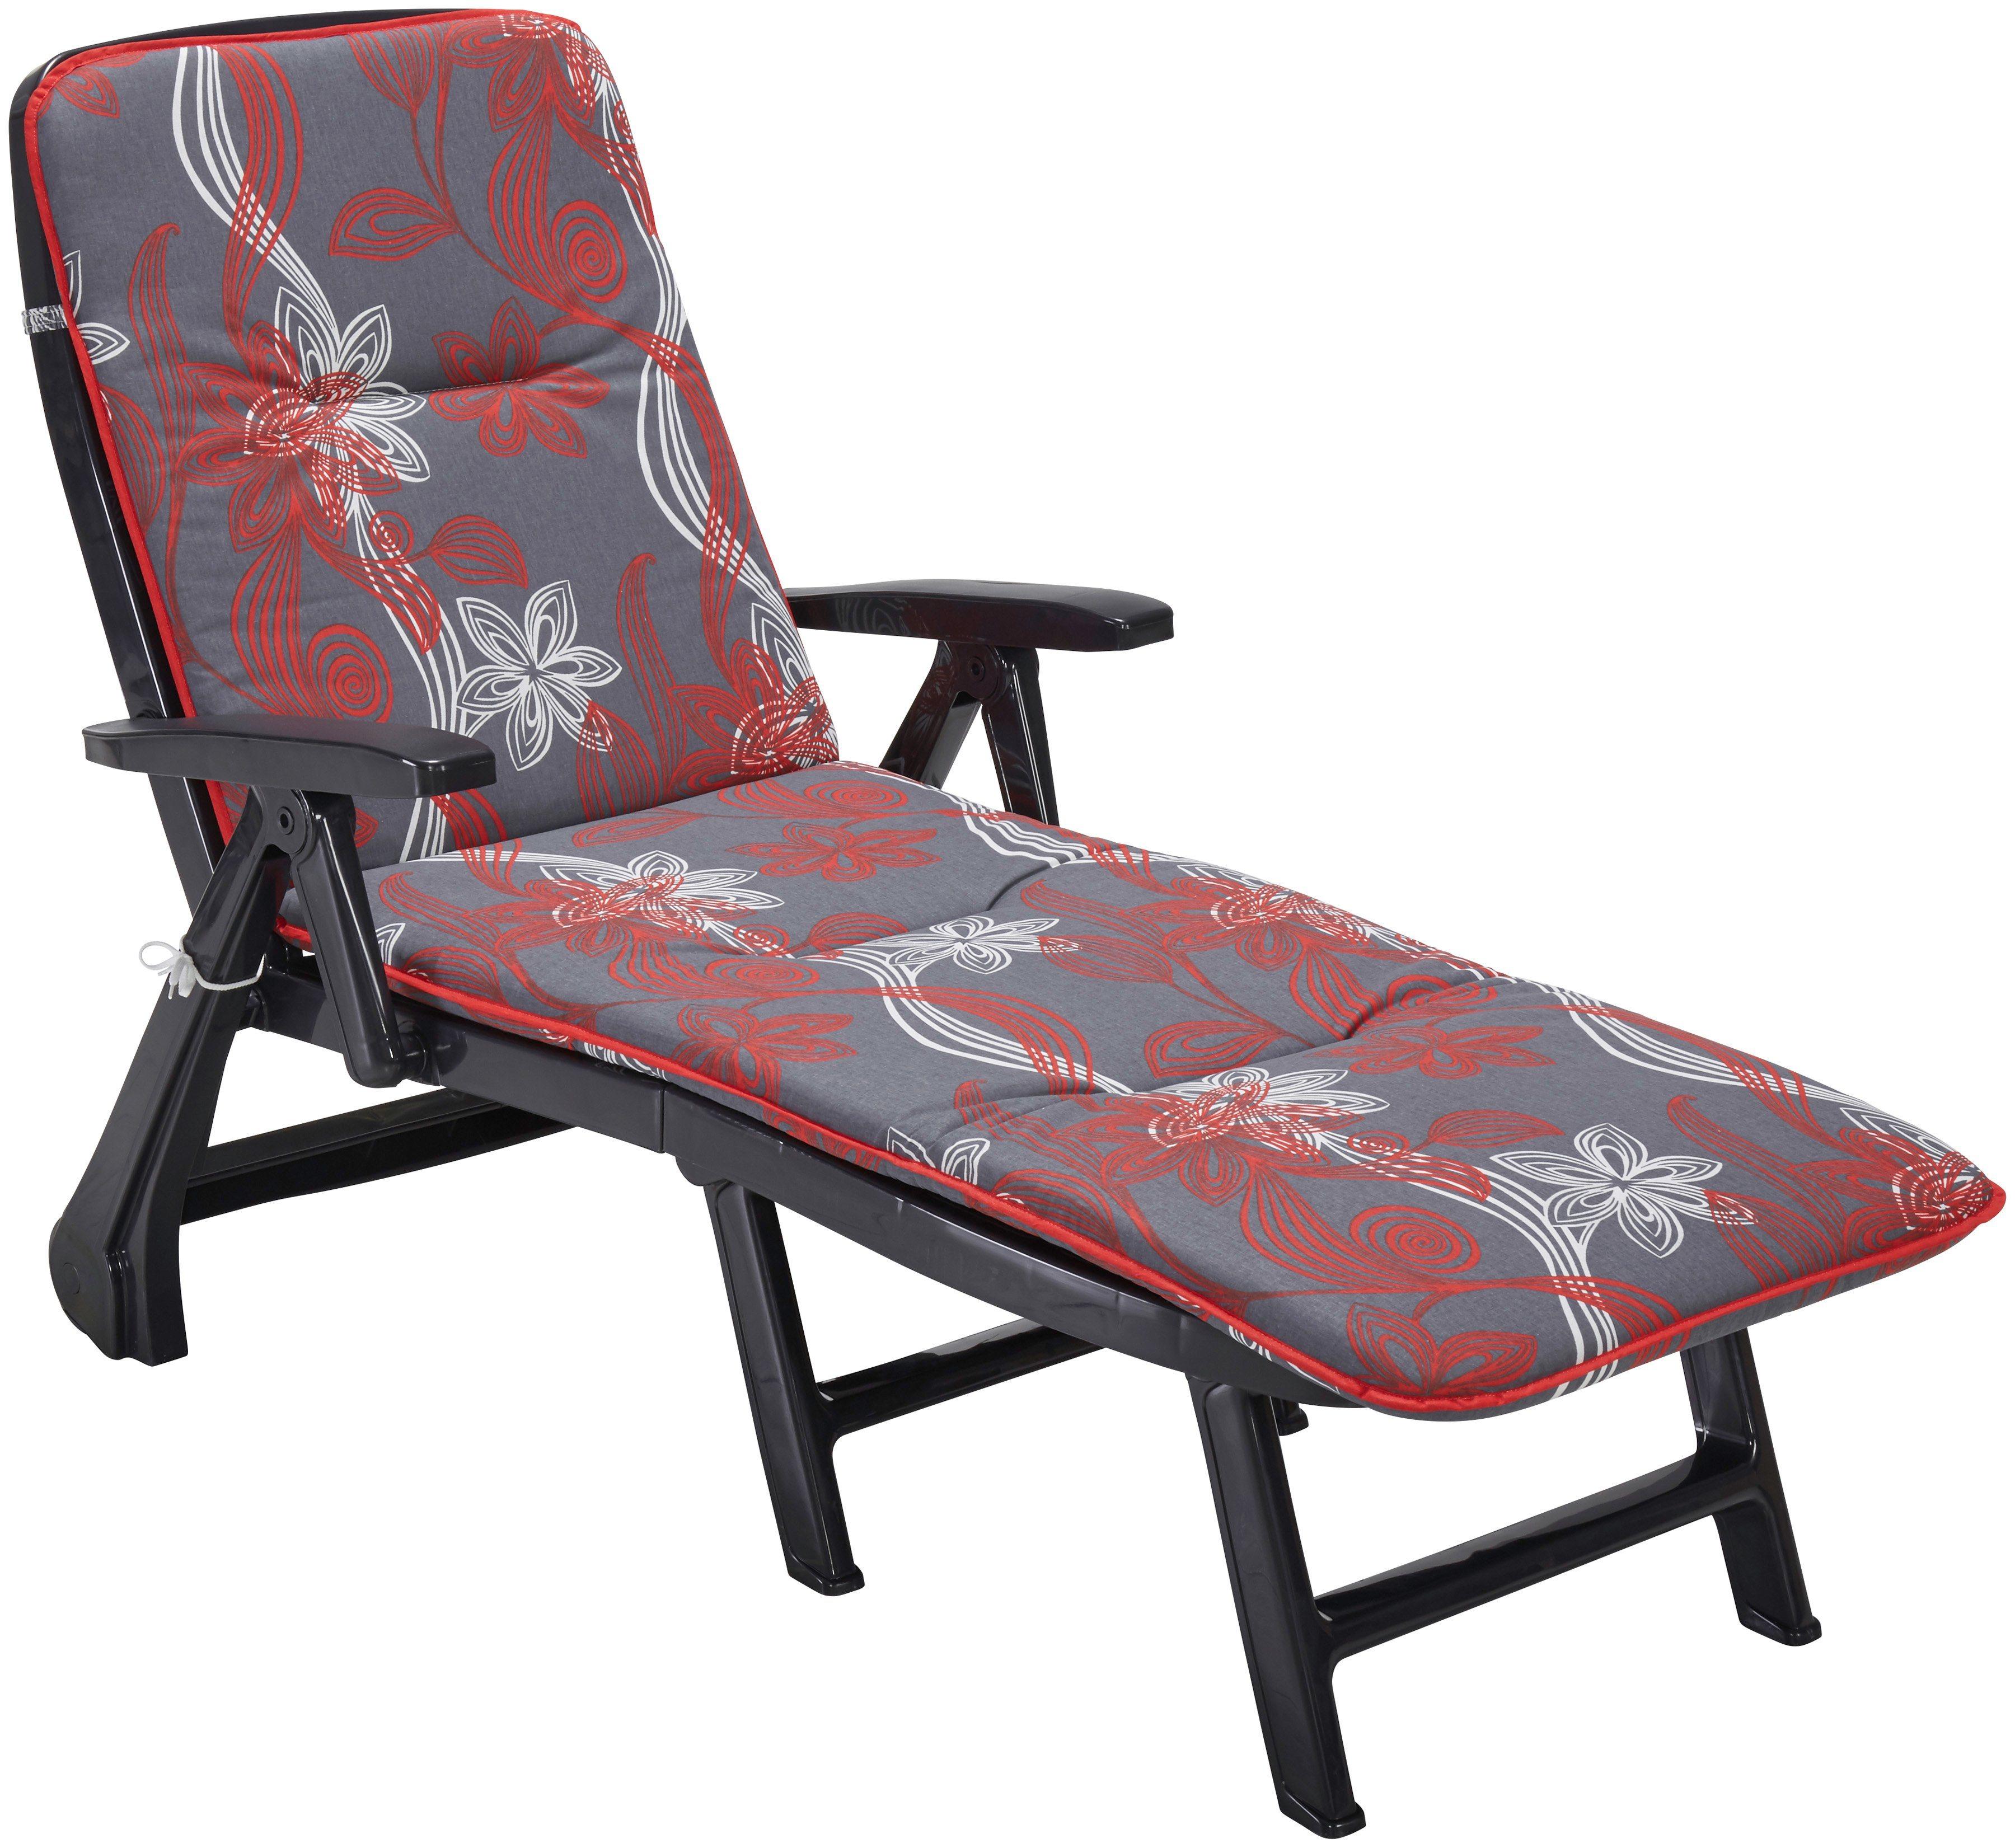 rot rattan sitzauflagen online kaufen m bel suchmaschine. Black Bedroom Furniture Sets. Home Design Ideas